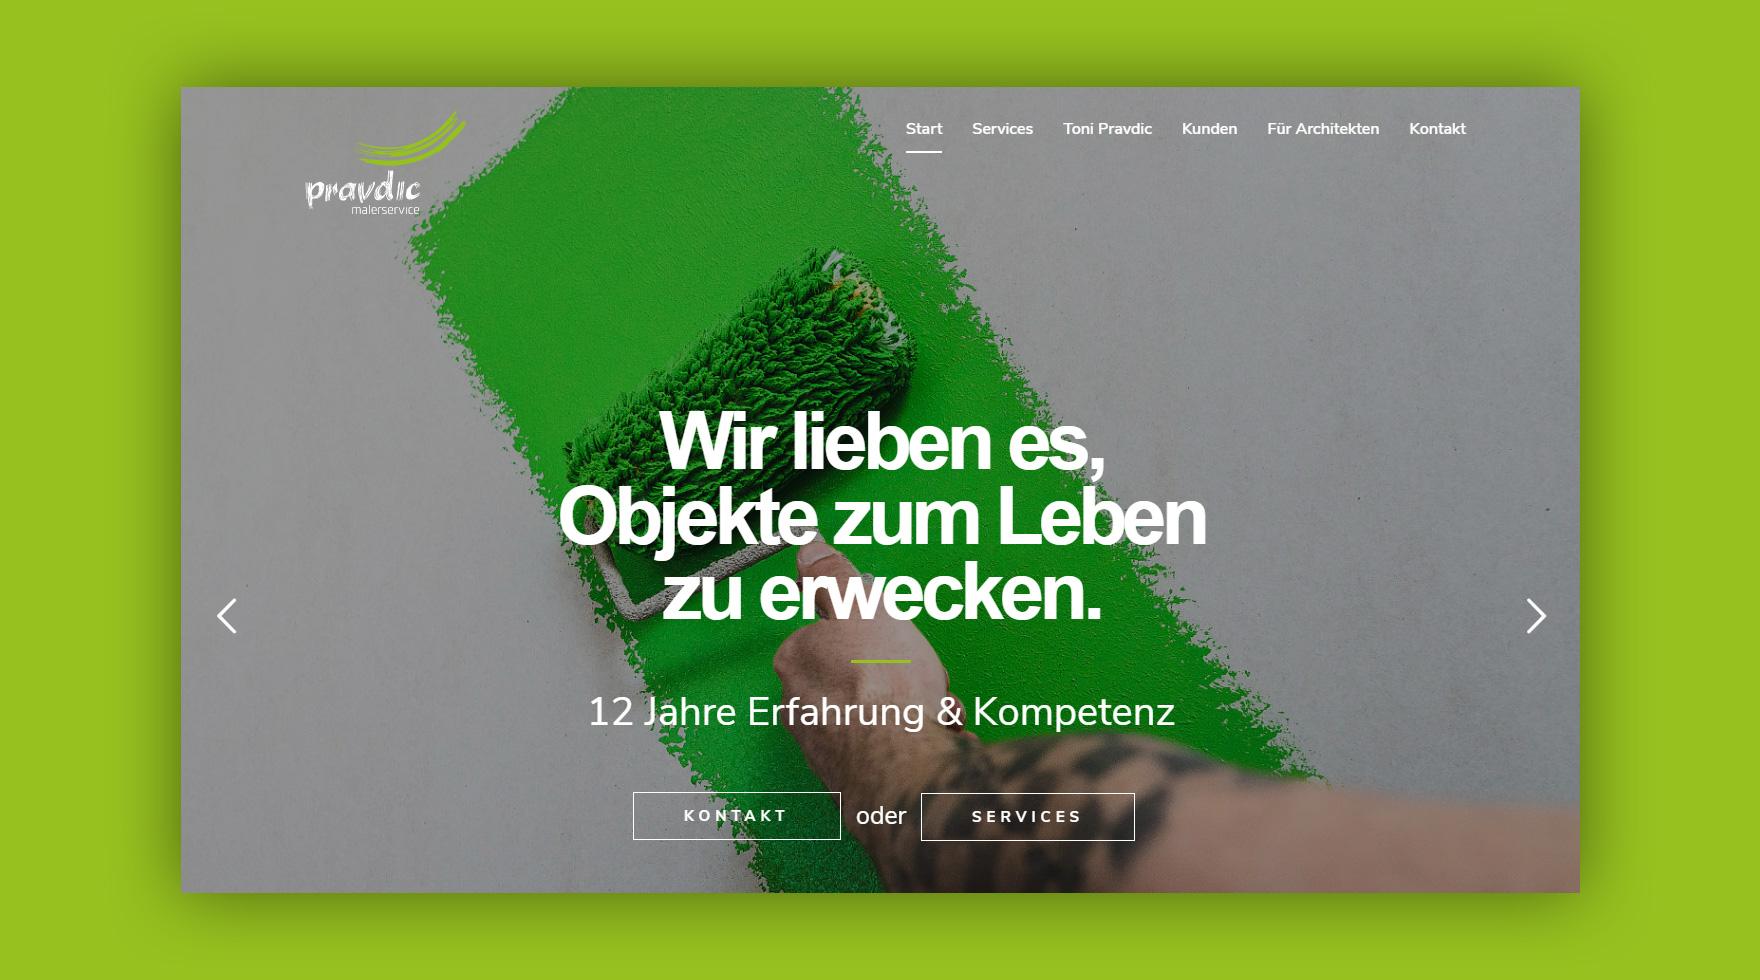 webdesign-programmierung-pravdic-frankfurt-agentur